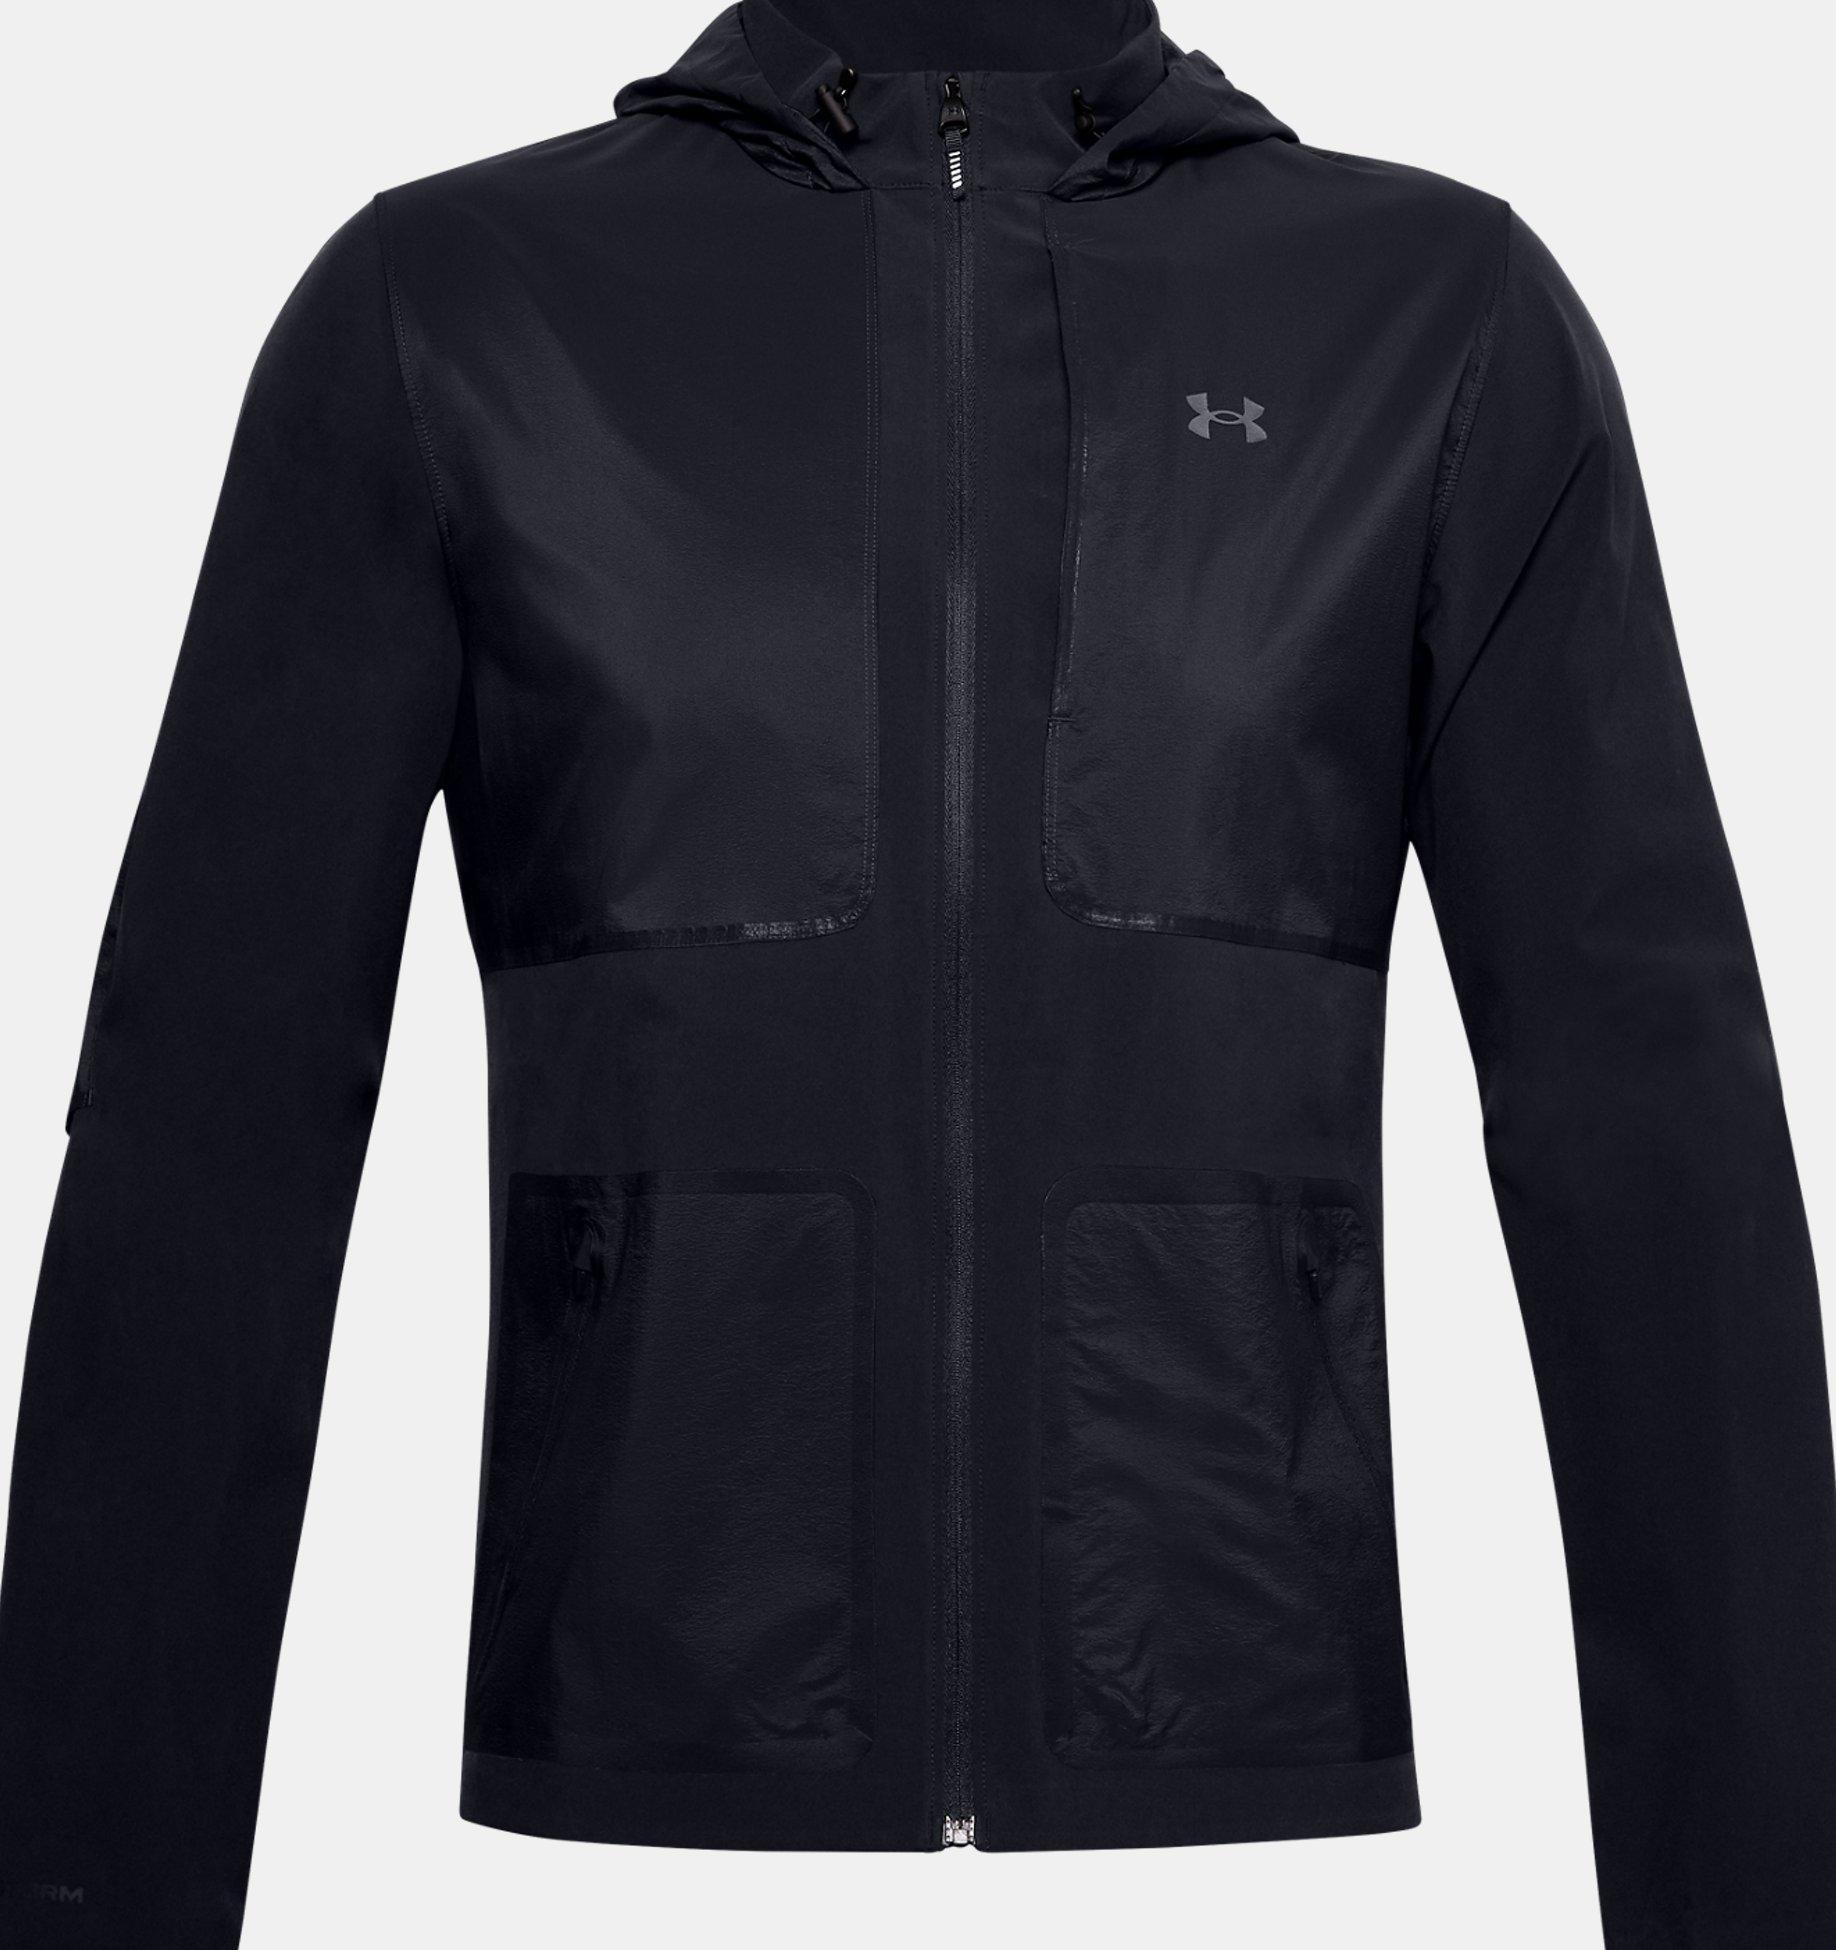 Underarmour Mens UA Qualifier Storm Speedpocket Jacket